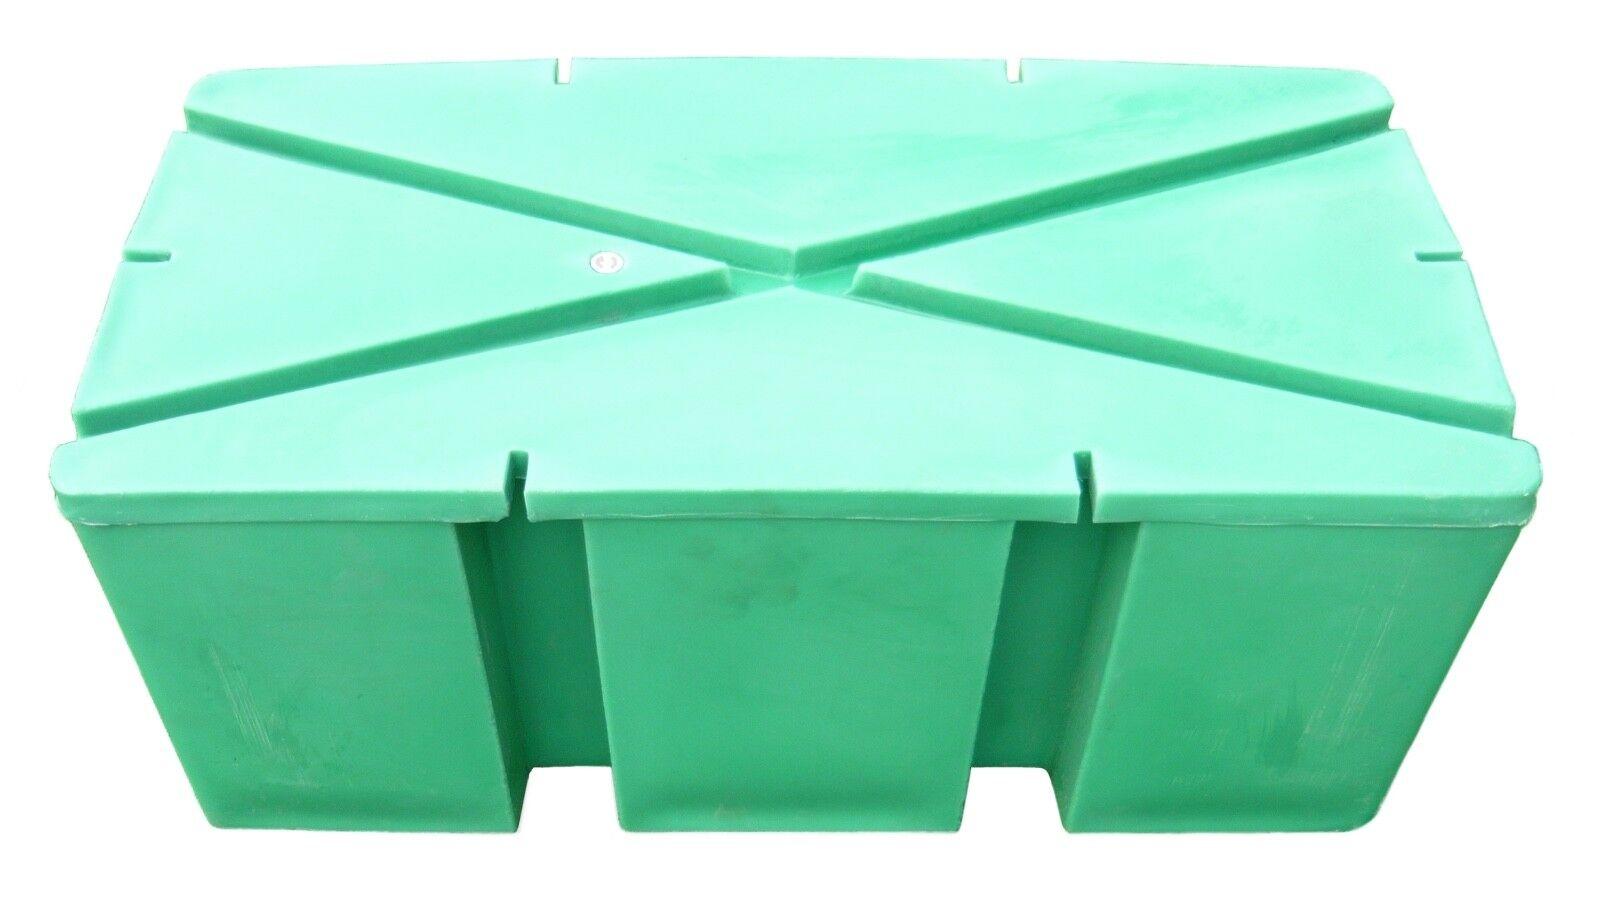 Ponton Schwimmplattform Schwimmkörper 15 Kg Verdrängung 200 Kg 100x50x42 cm